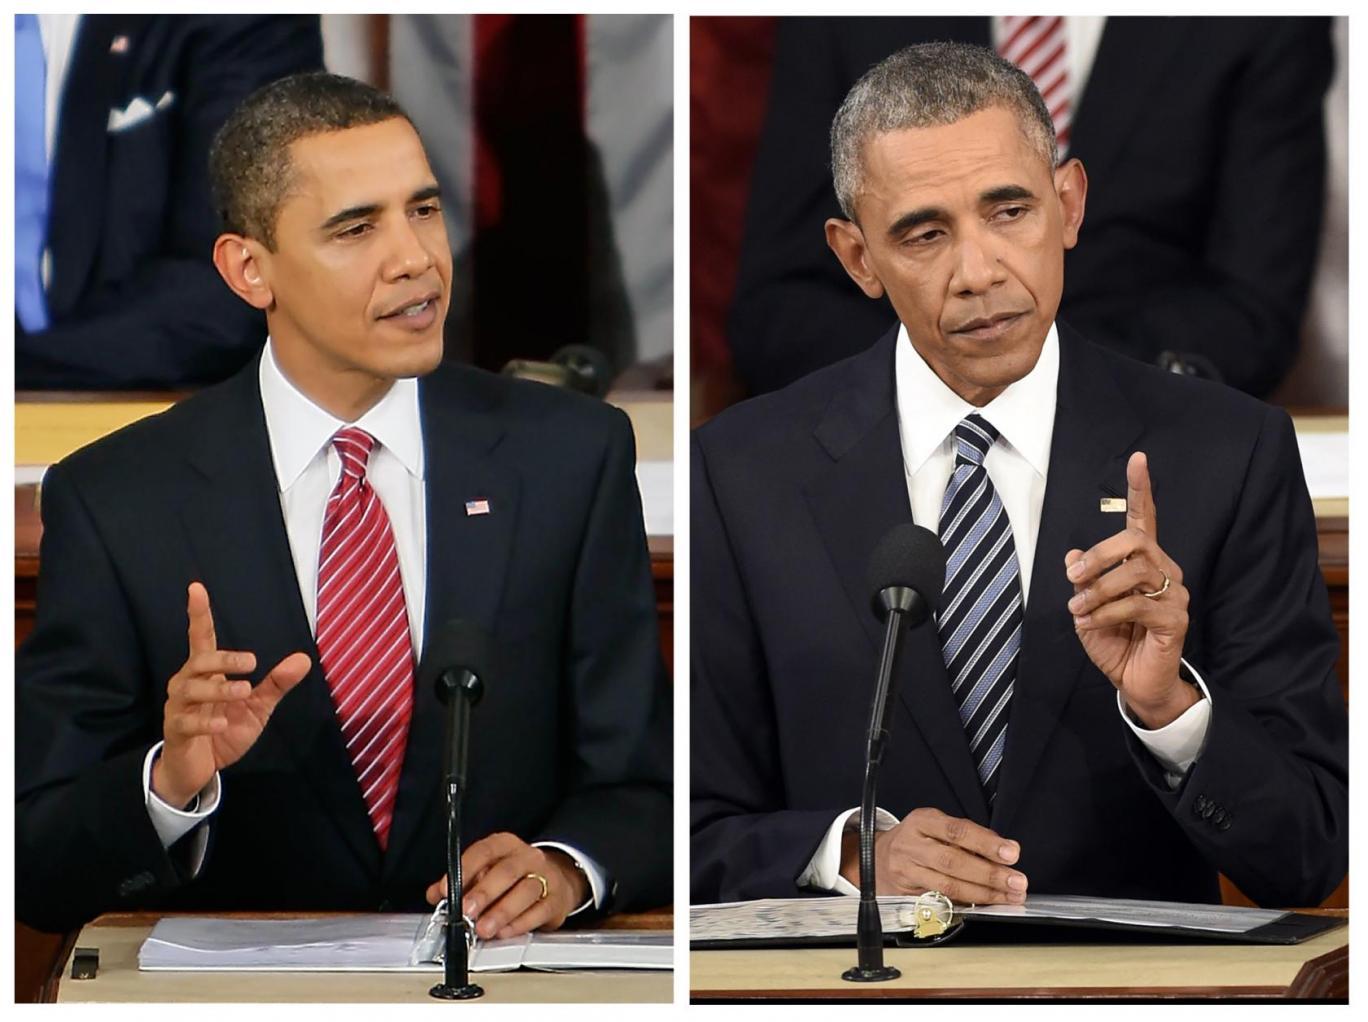 【画像】オバマの八年の老けっぷりがヤバイと話題に